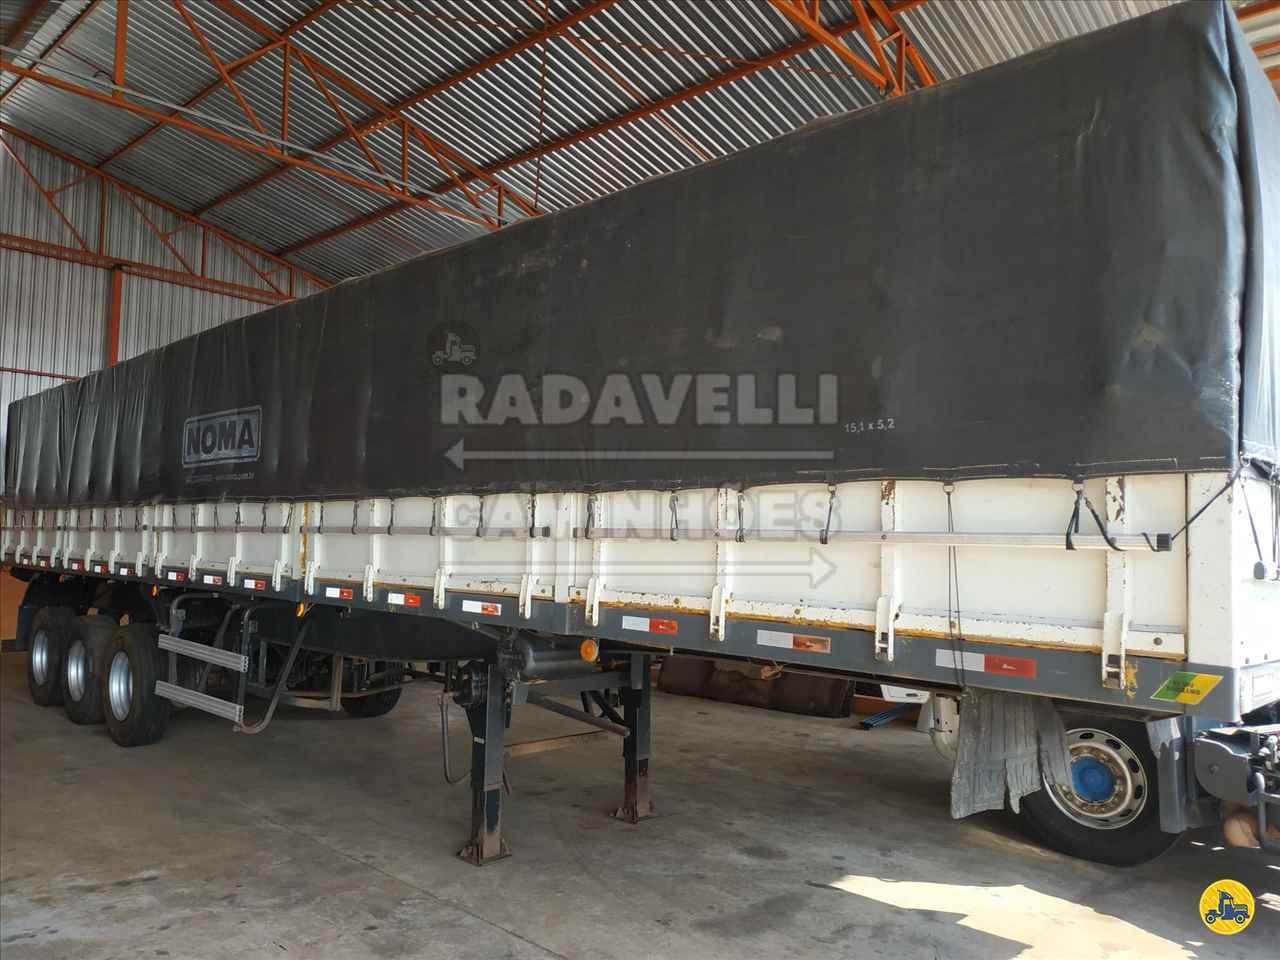 GRANELEIRO de Radavelli Caminhões - MATAO/SP